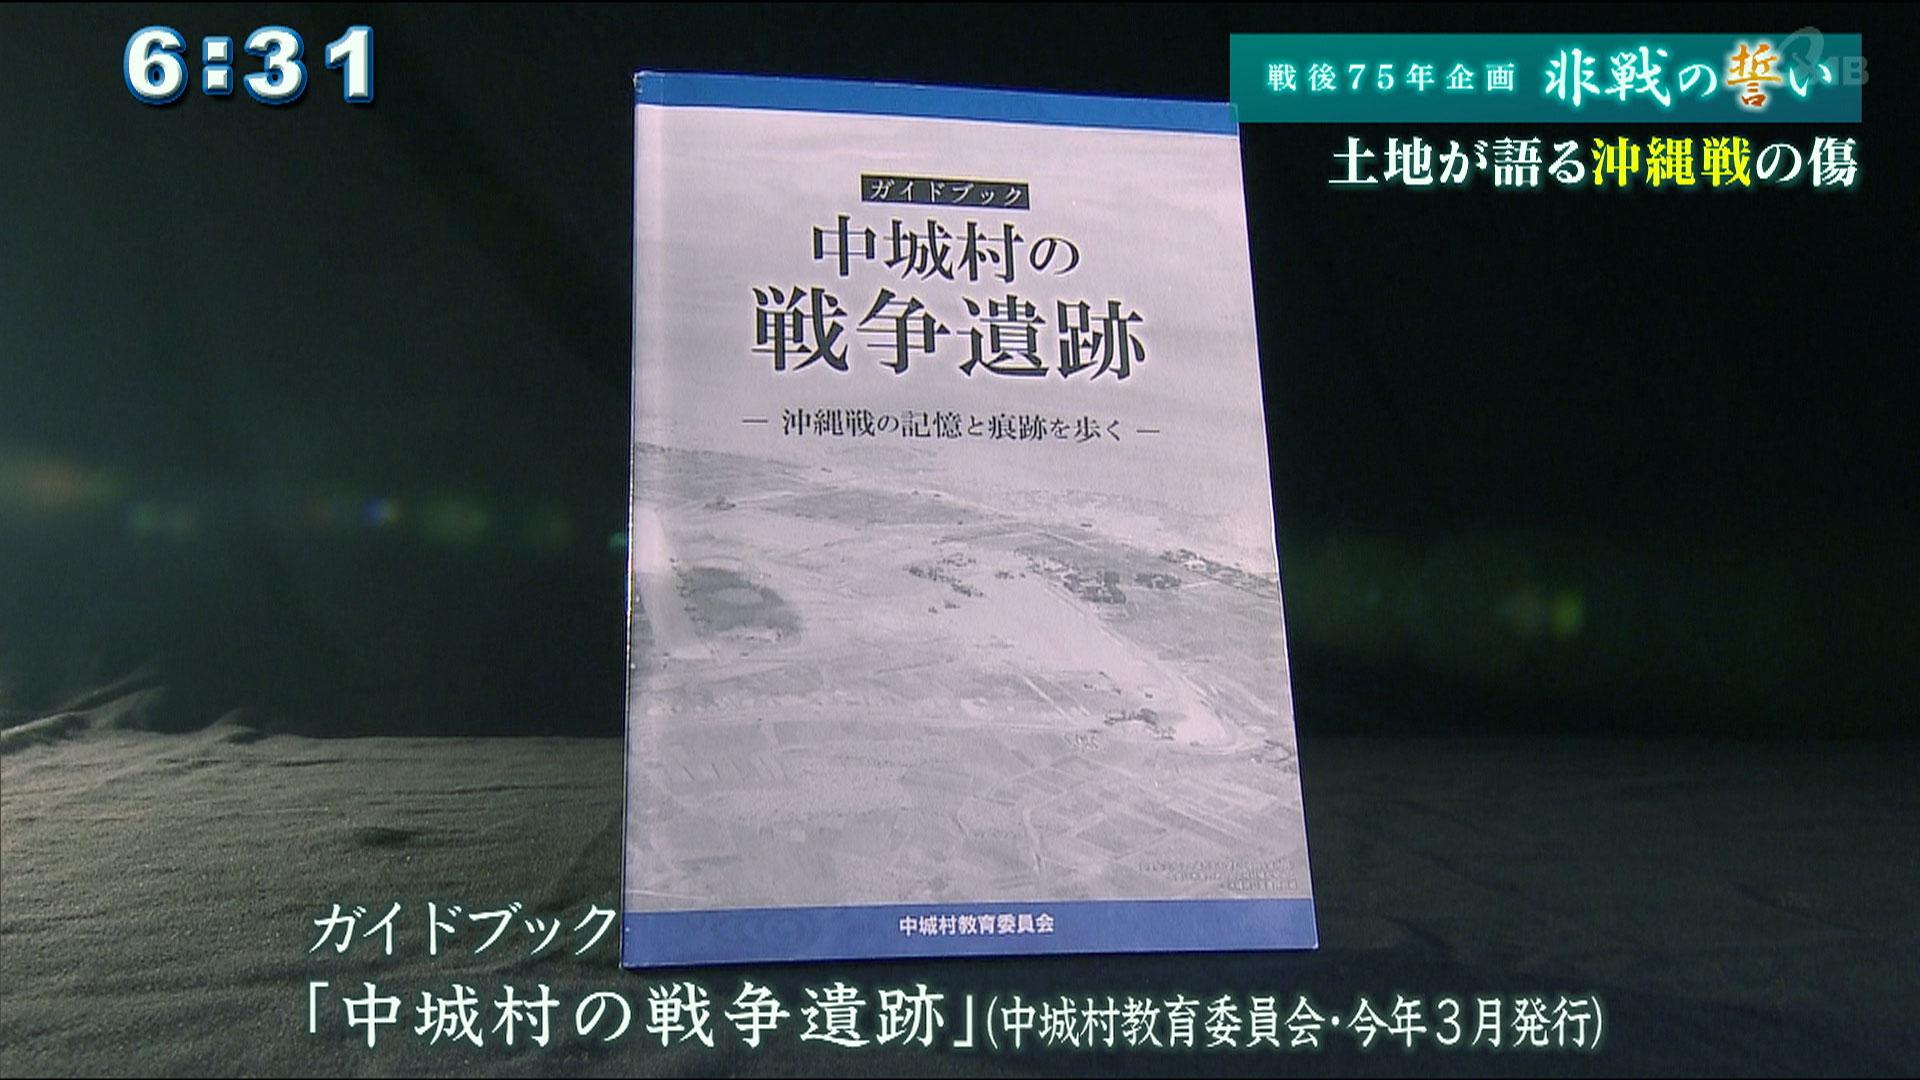 シリーズ非戦の誓い 戦後75年 地域の戦争遺跡から沖縄戦を継ぐ